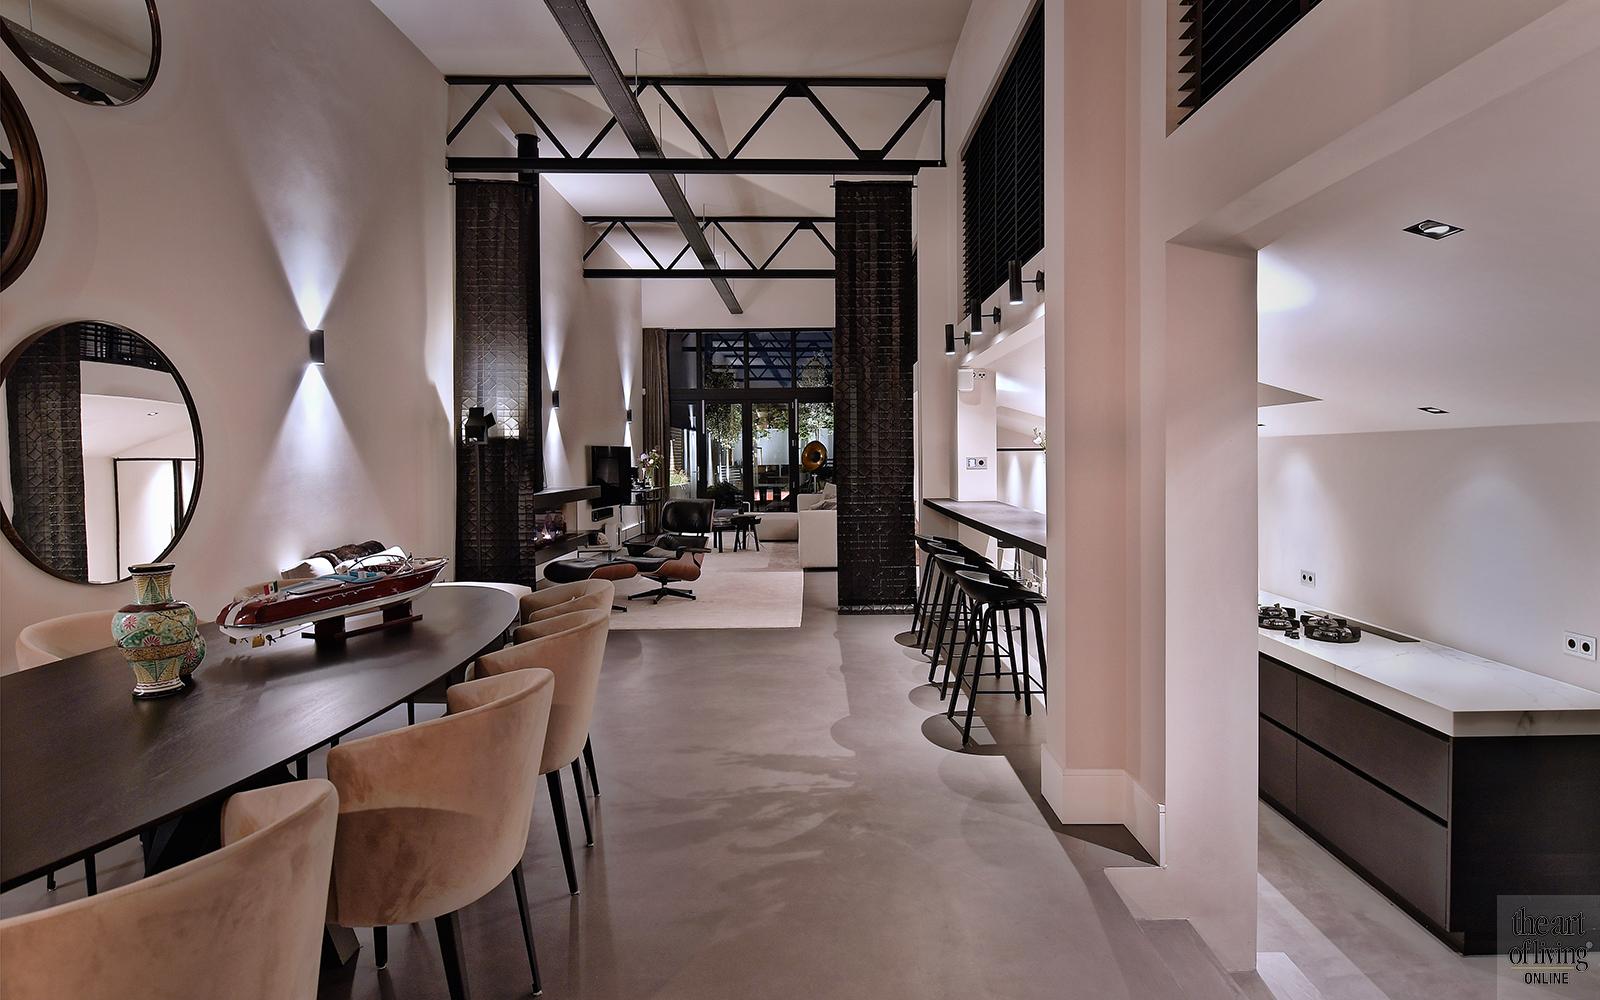 wooninspiratie, Bouwgroep Veenendaal, luxe interieur, interieur design, stadstuin, mcclaren